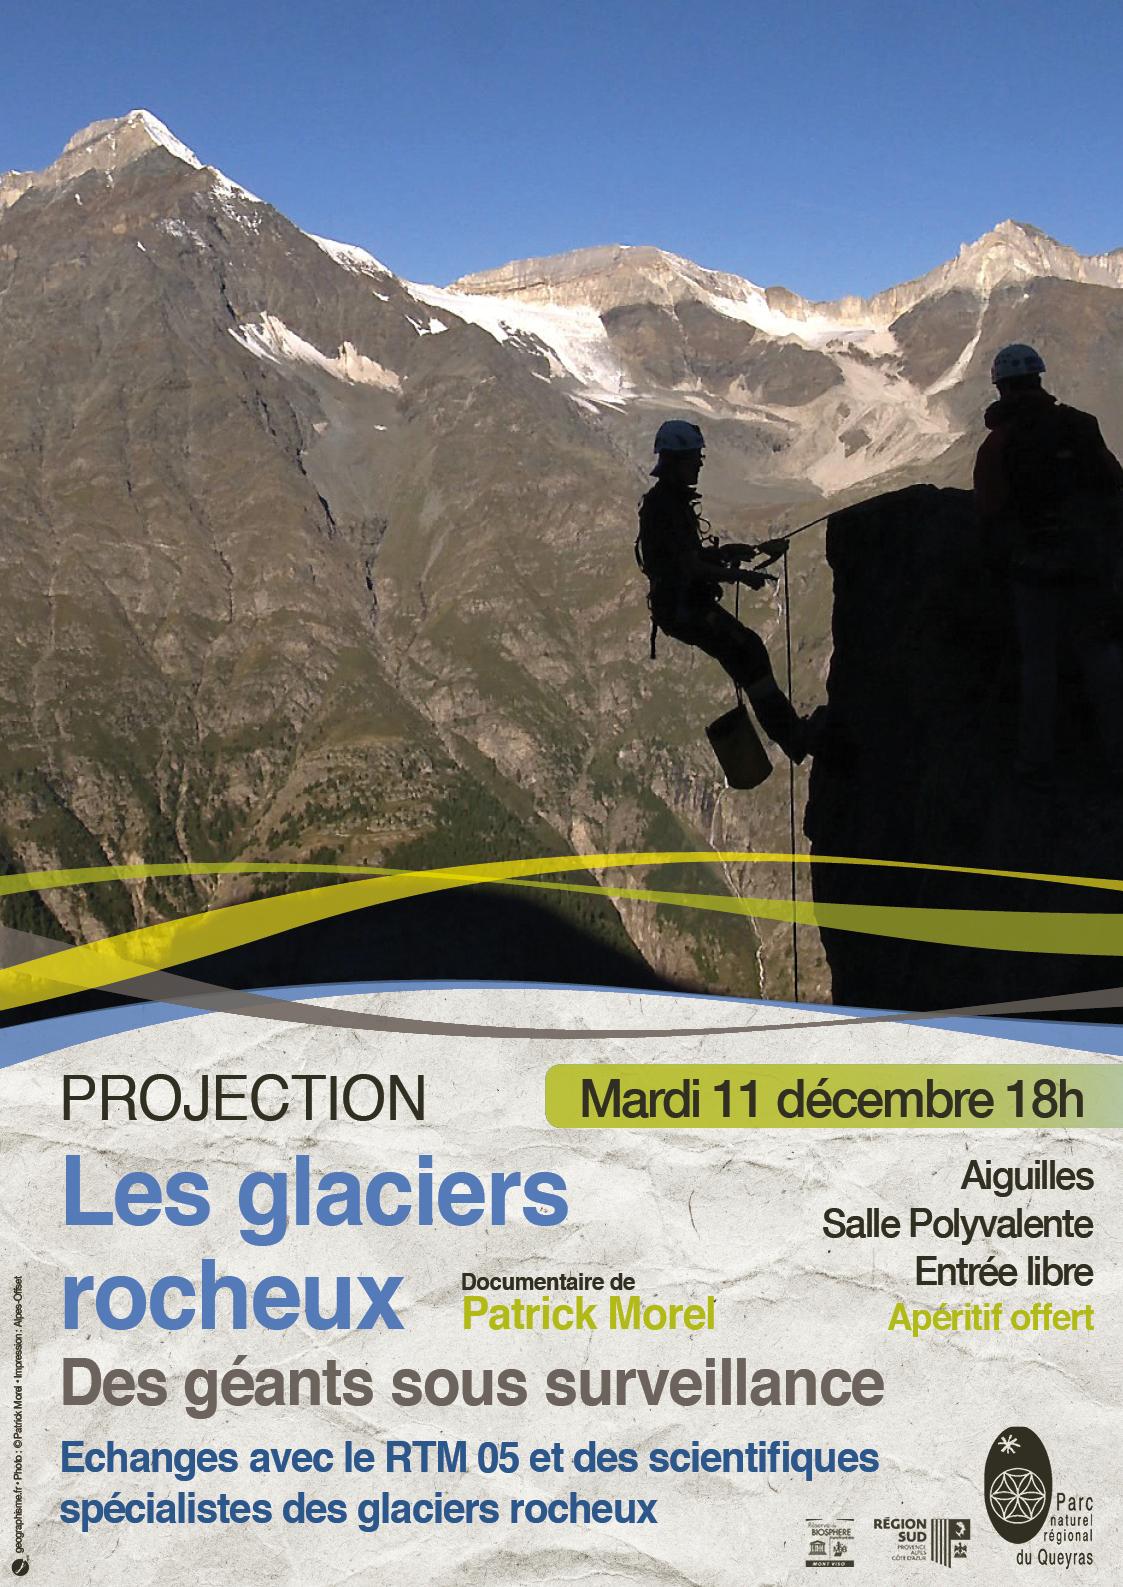 AFFICHE-Glaciers rocheux-11Dec-WEB